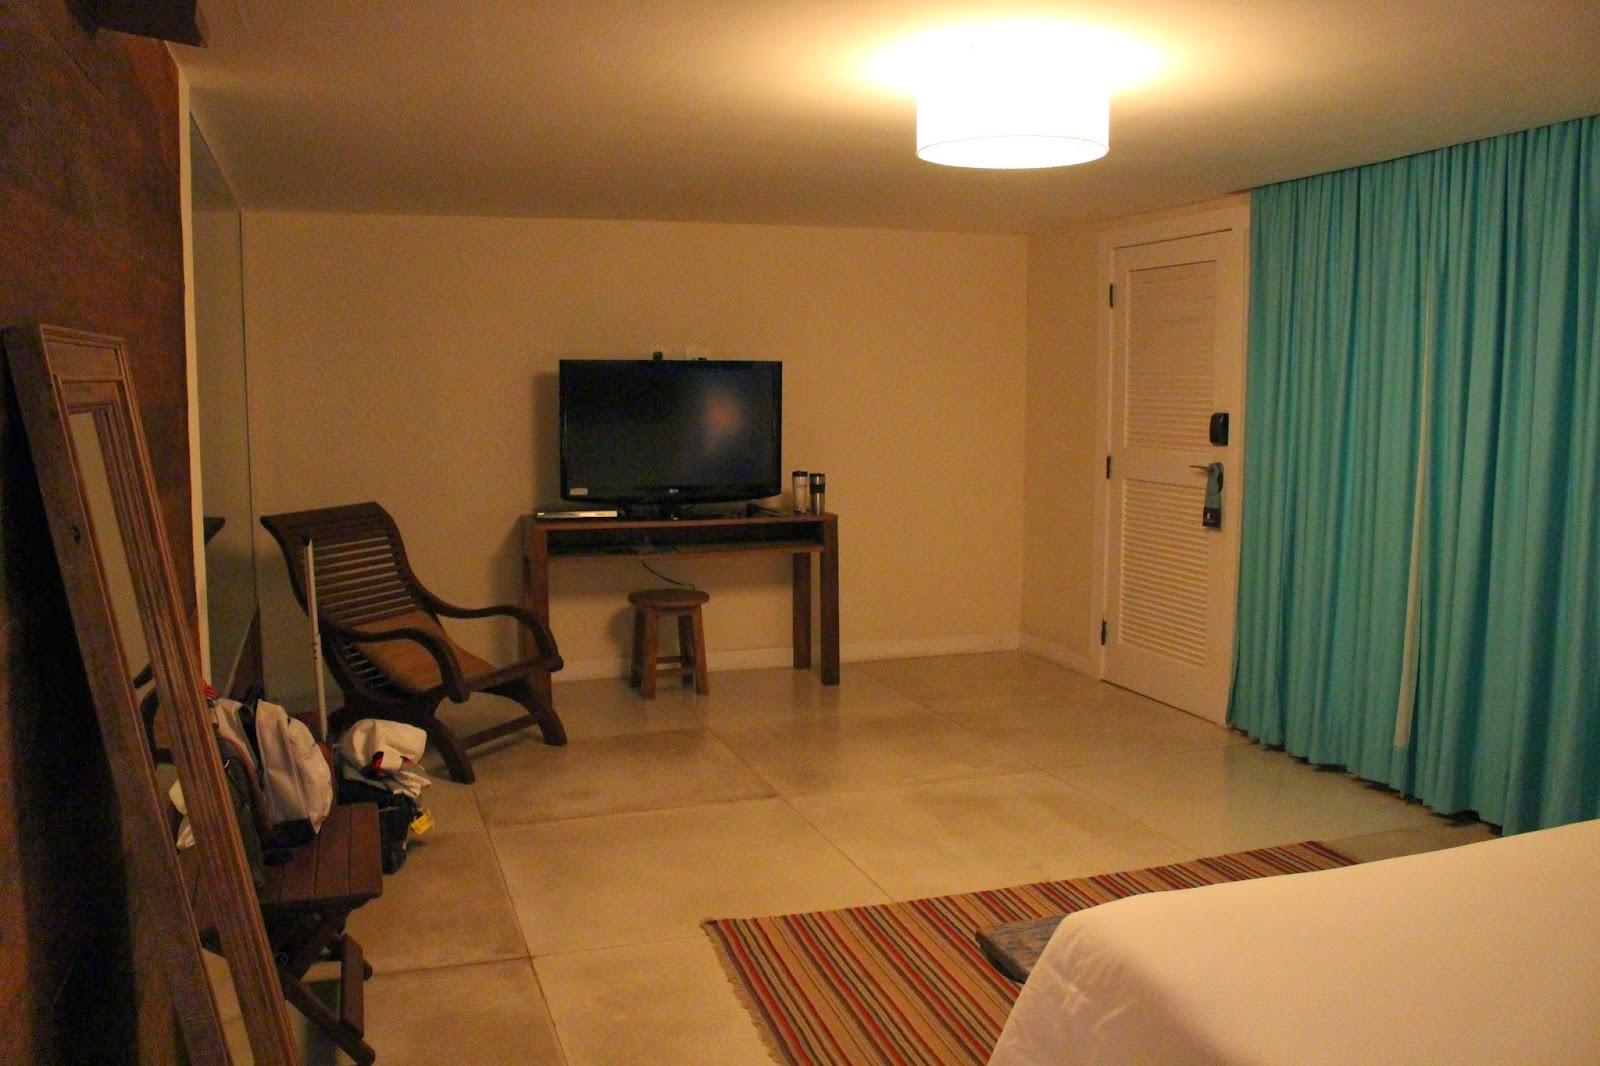 #C1AB0A Blog Apaixonados por Viagens: Búzios: Villa Rasa Marina Hotel  1600x1066 px Banheiro Ofuro 2701